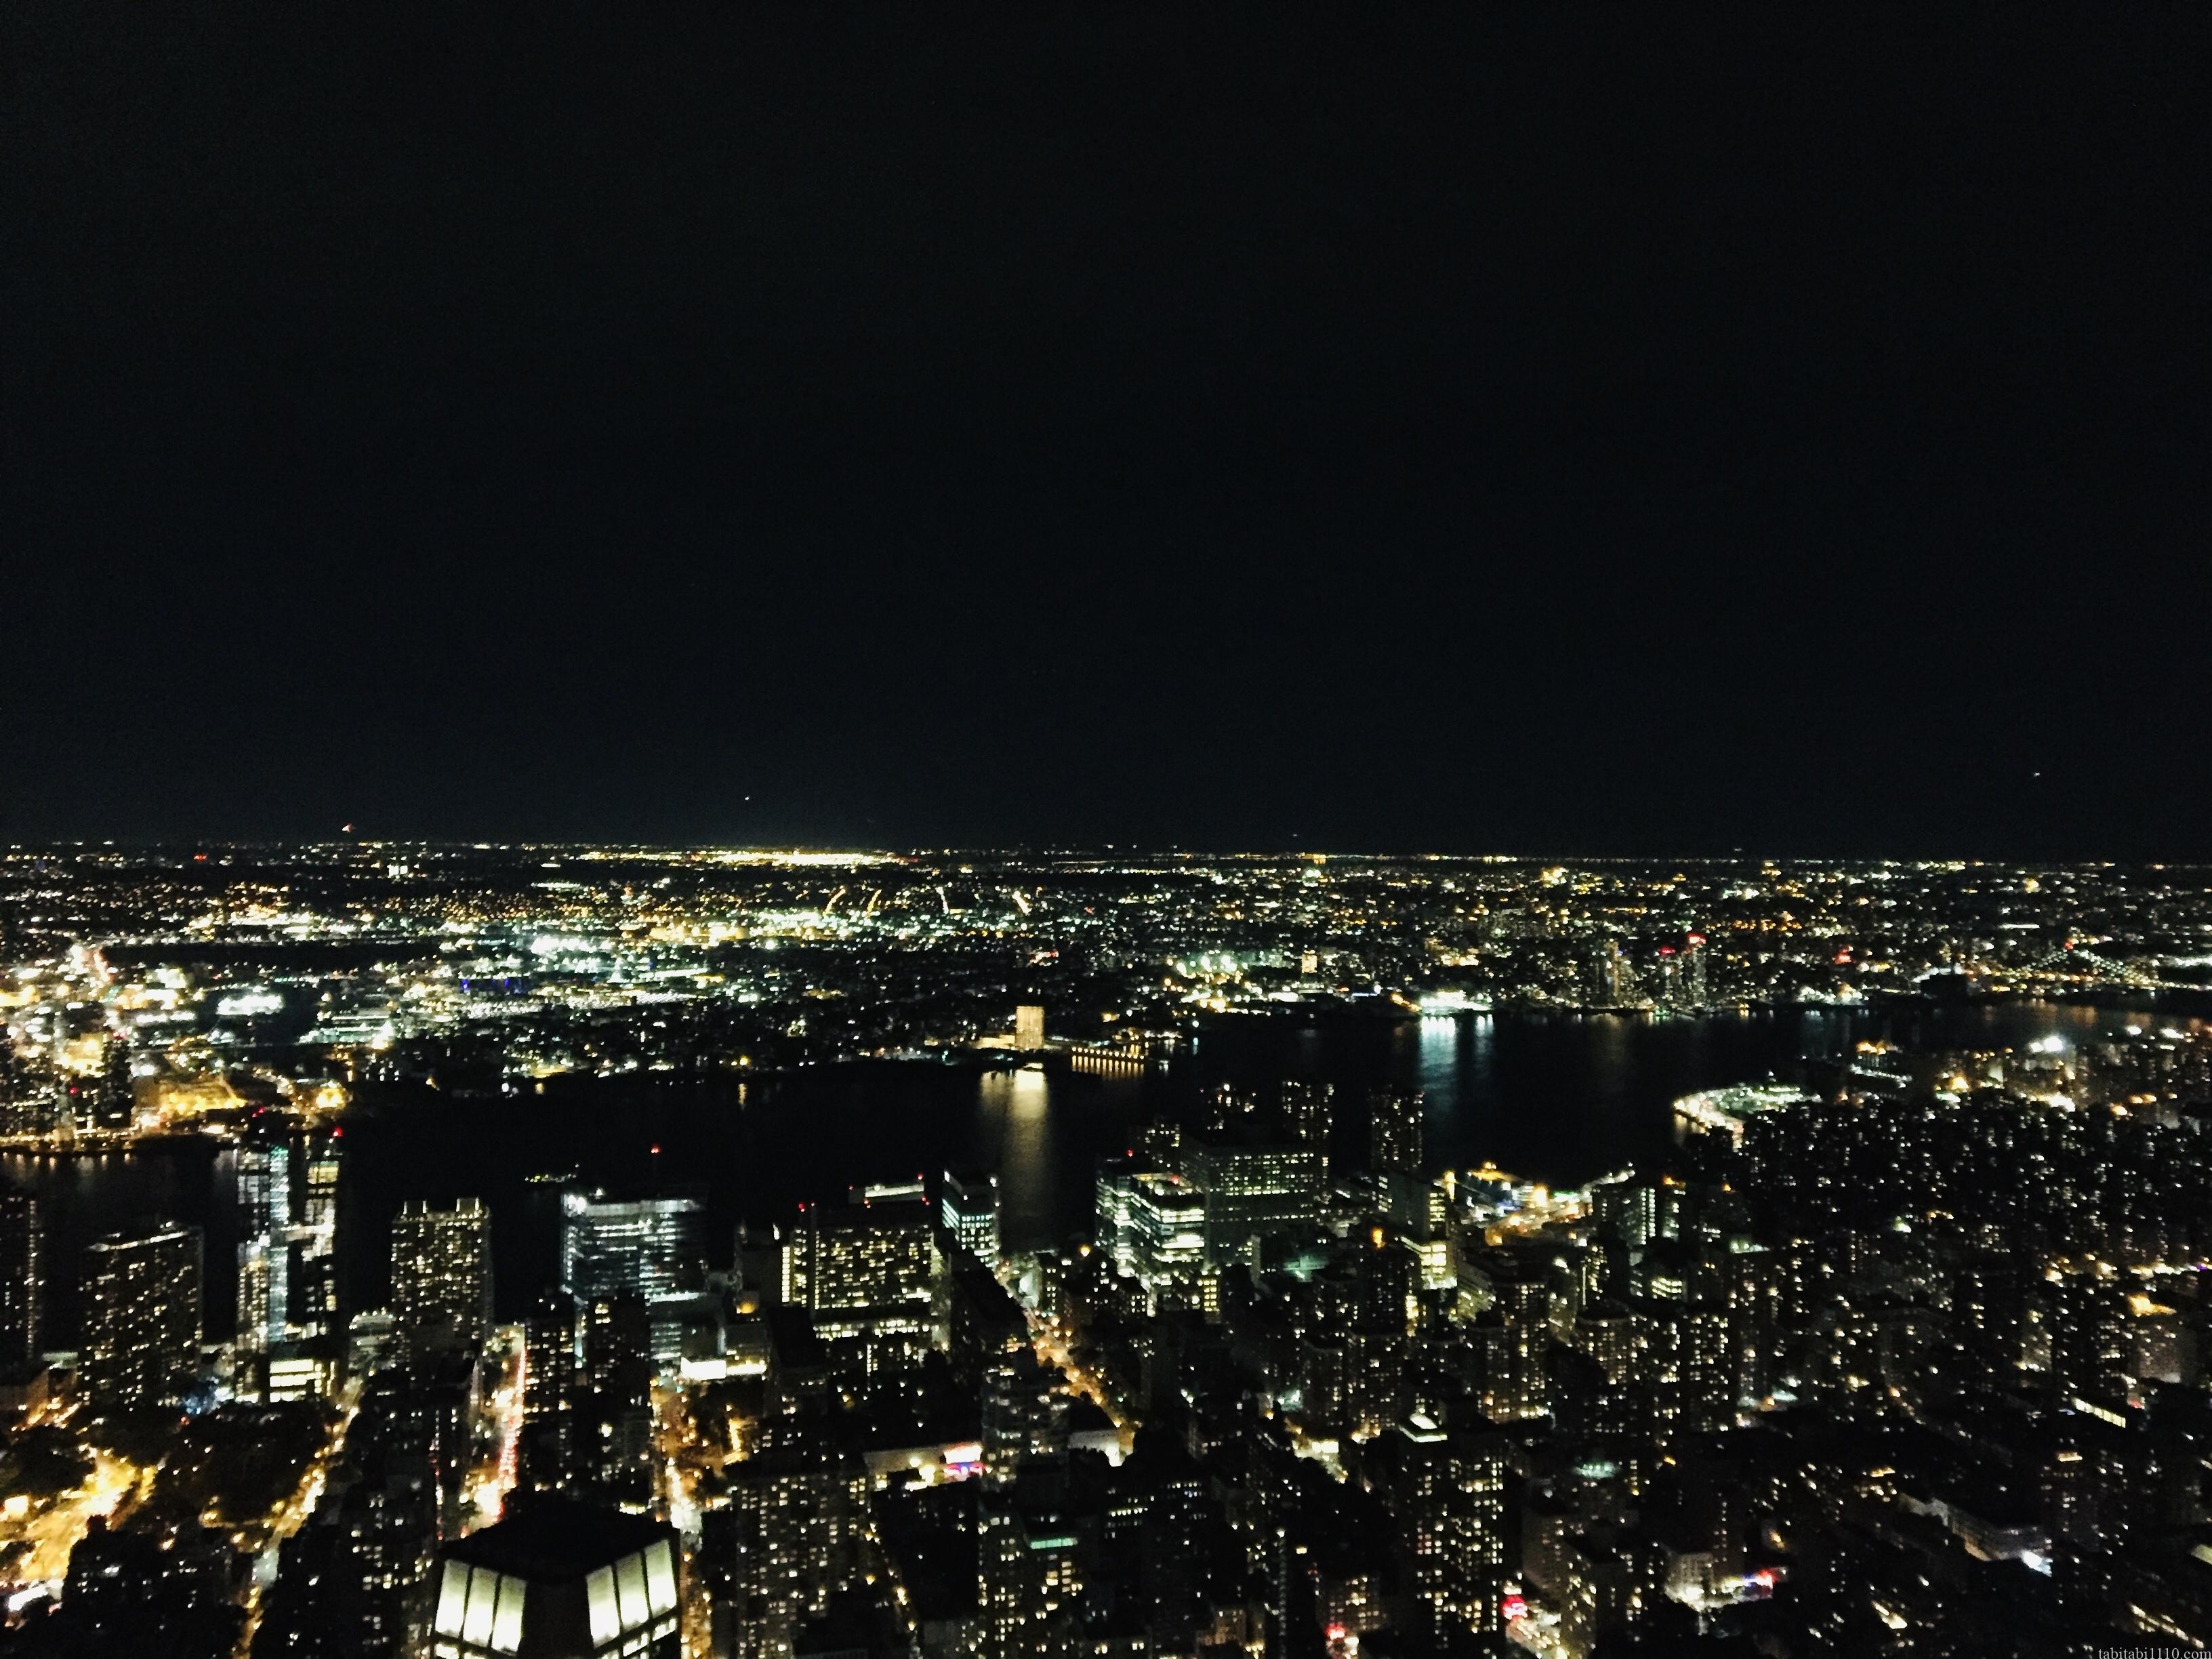 ニューヨーク観光|エンパイアステートビルからの夜景